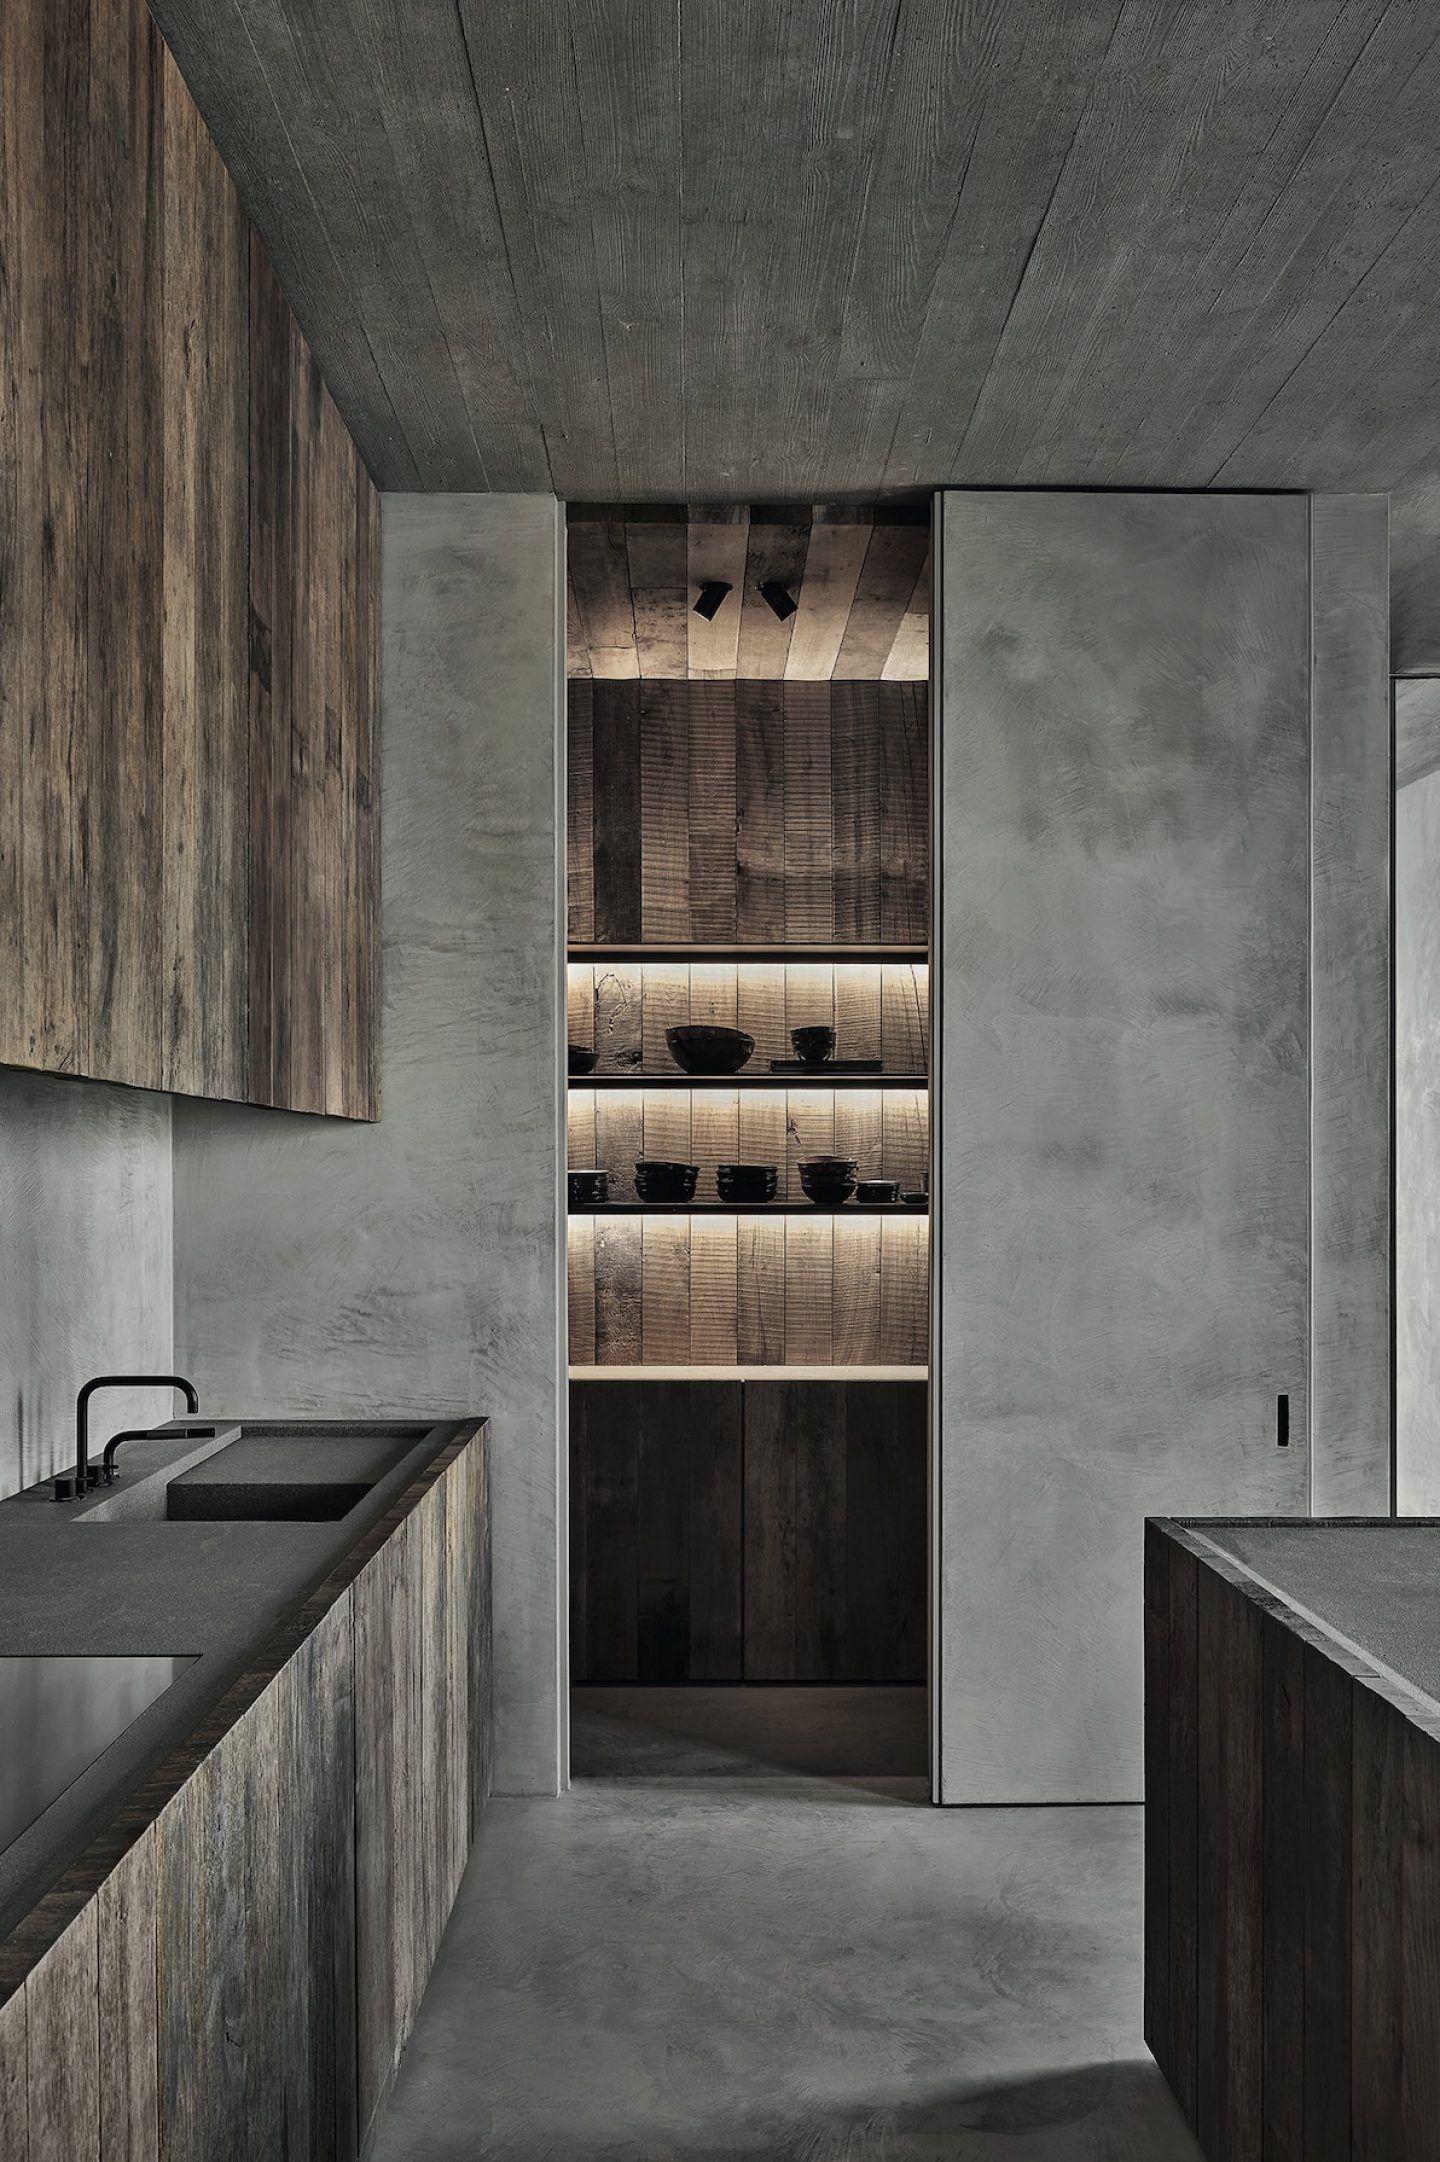 IGNANT-Architecture-Vincent-Van-Duysen-C-Penthouse-03